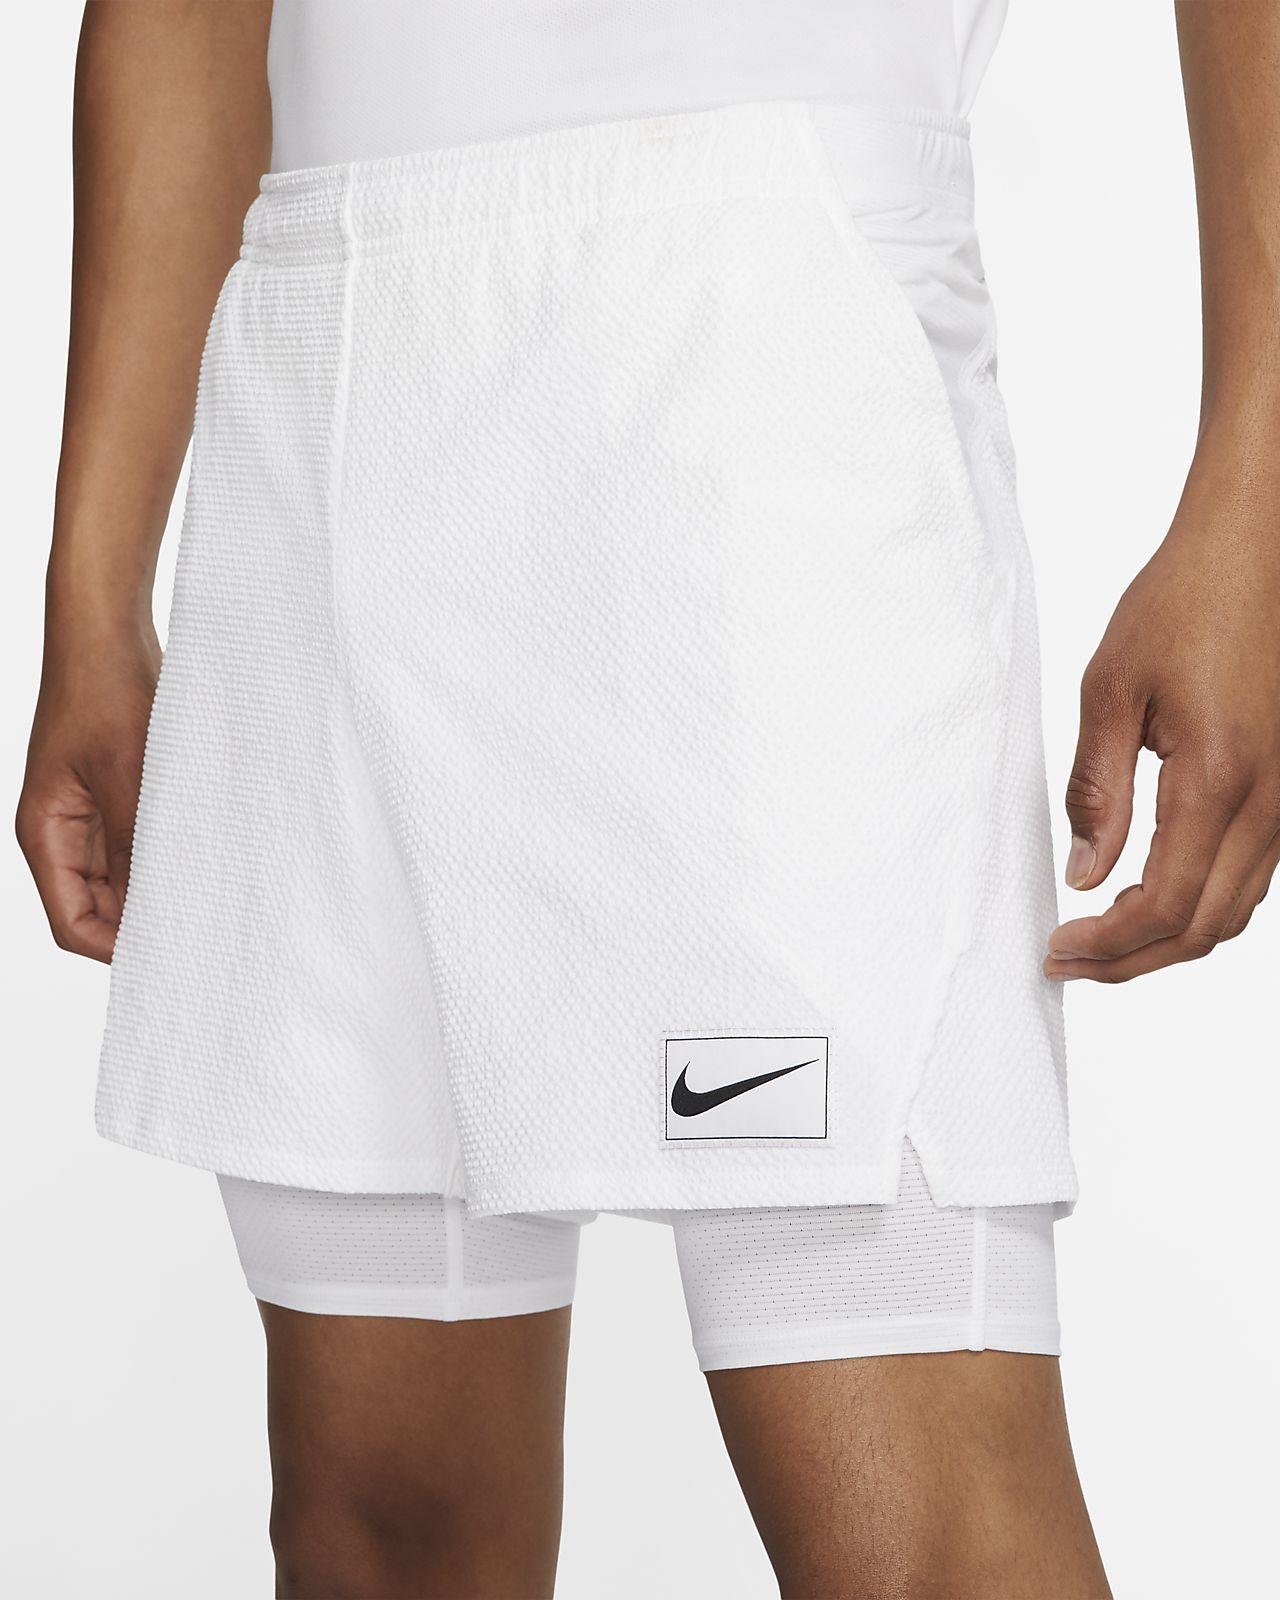 NikeCourt Ace Pantalons curts de tennis - Home